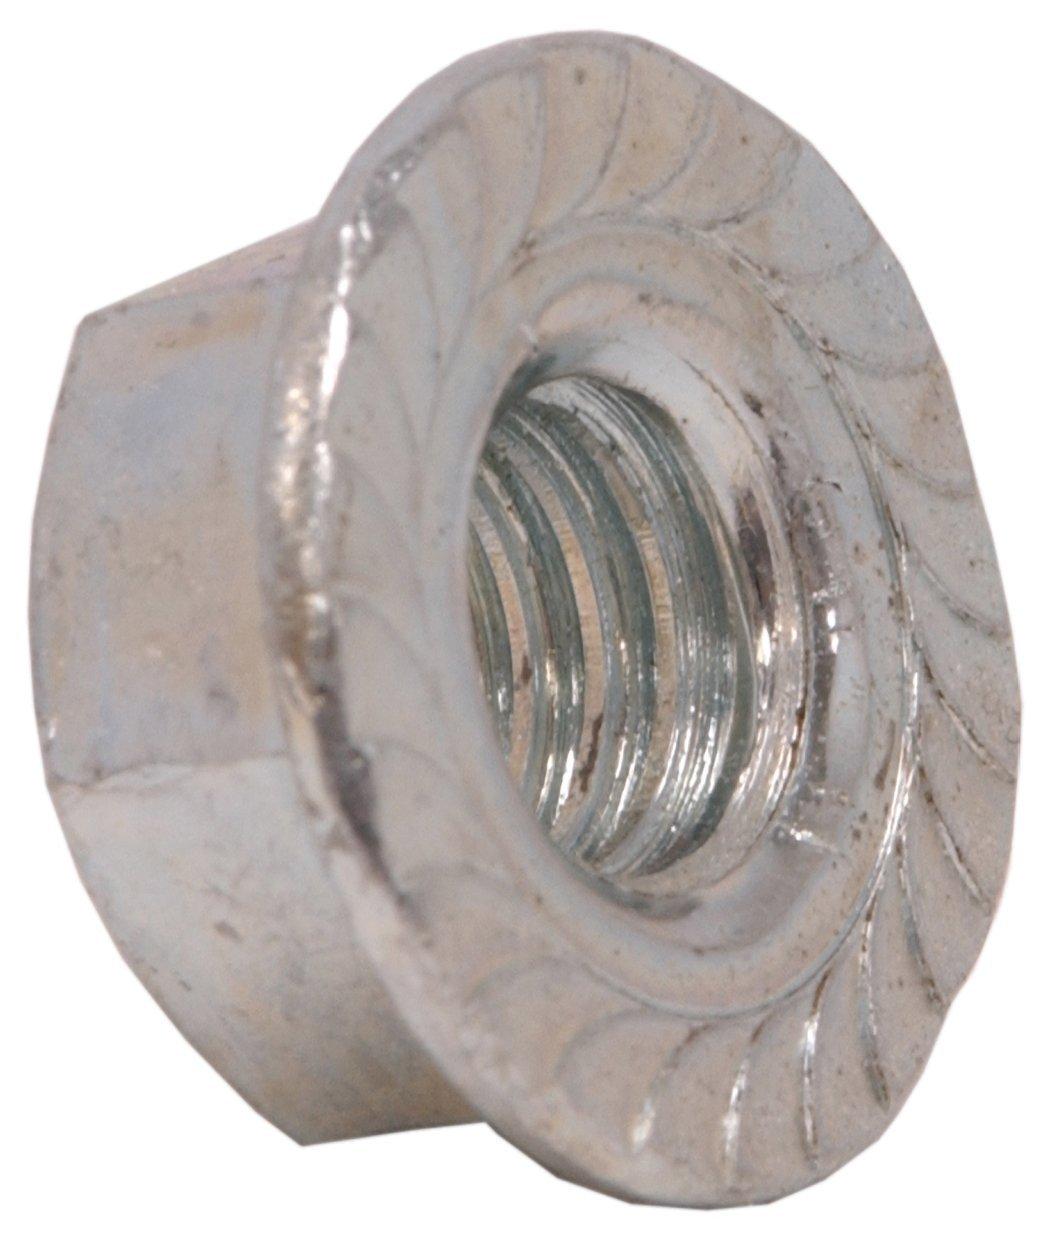 25 Pcs 5//16-18 Grade 8 All Metal Flange Lock Nut//Wiz Nuts 5//16 x 18